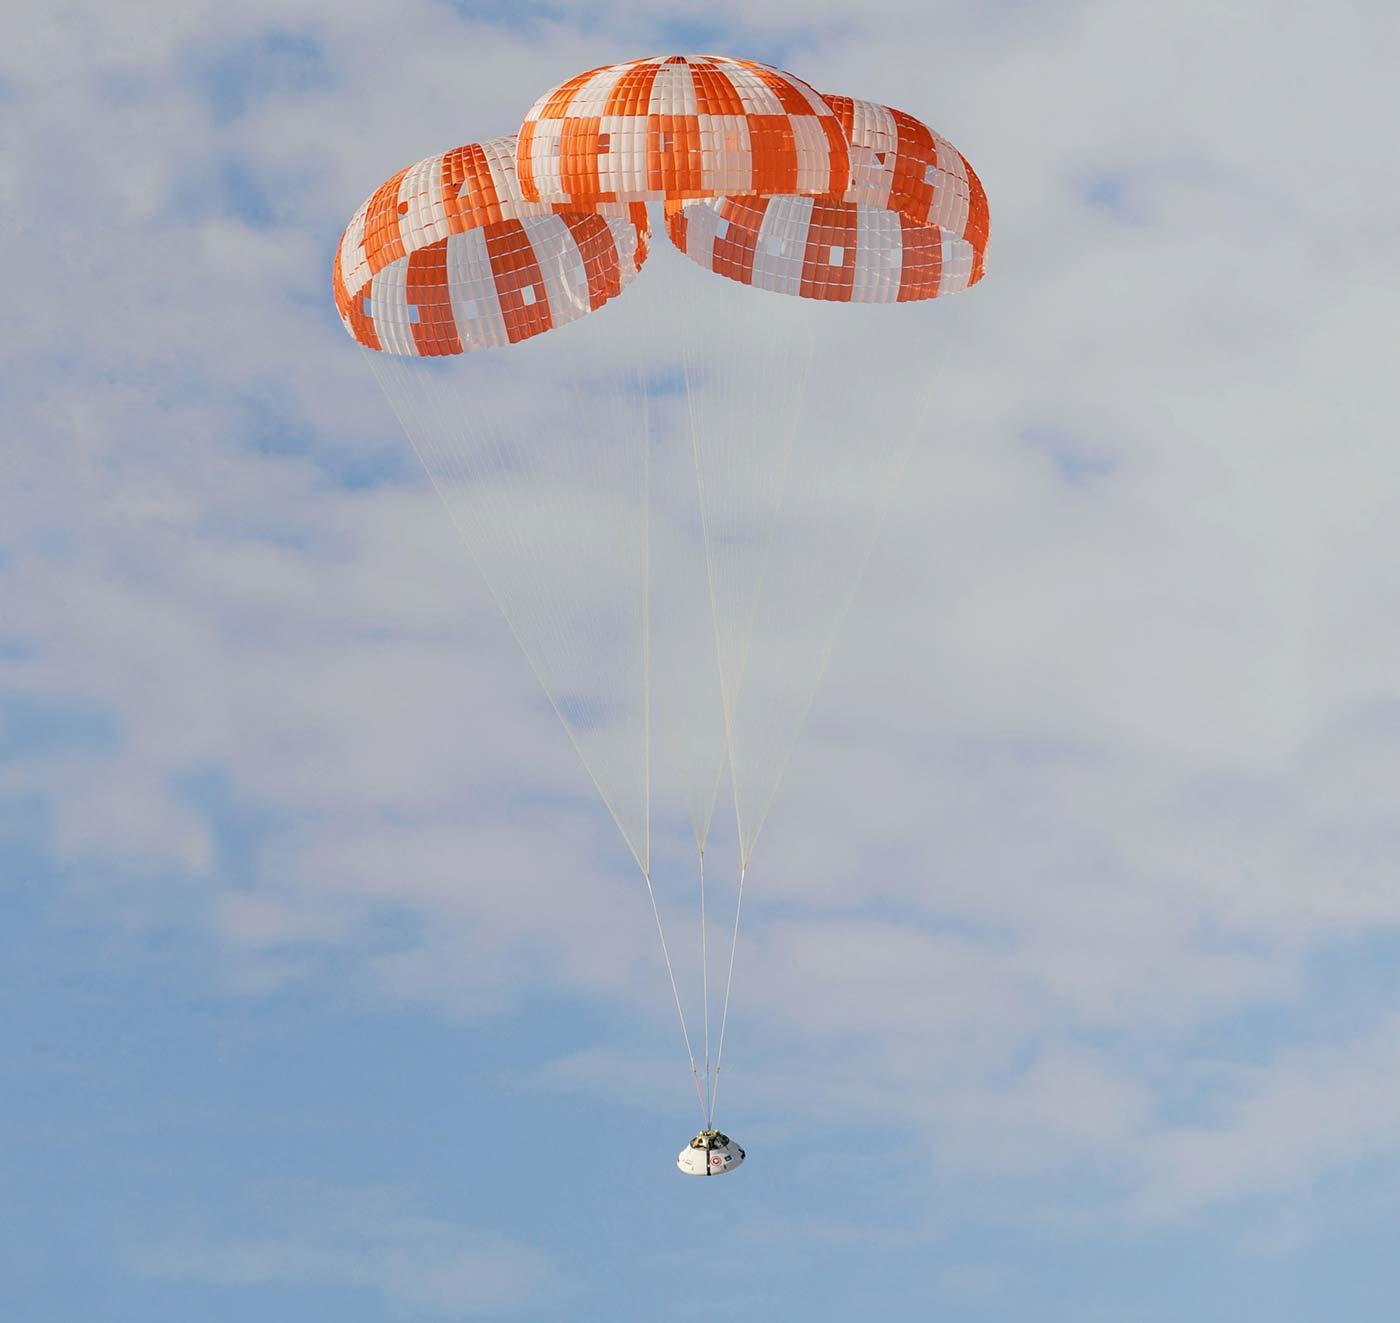 Orion parachute test